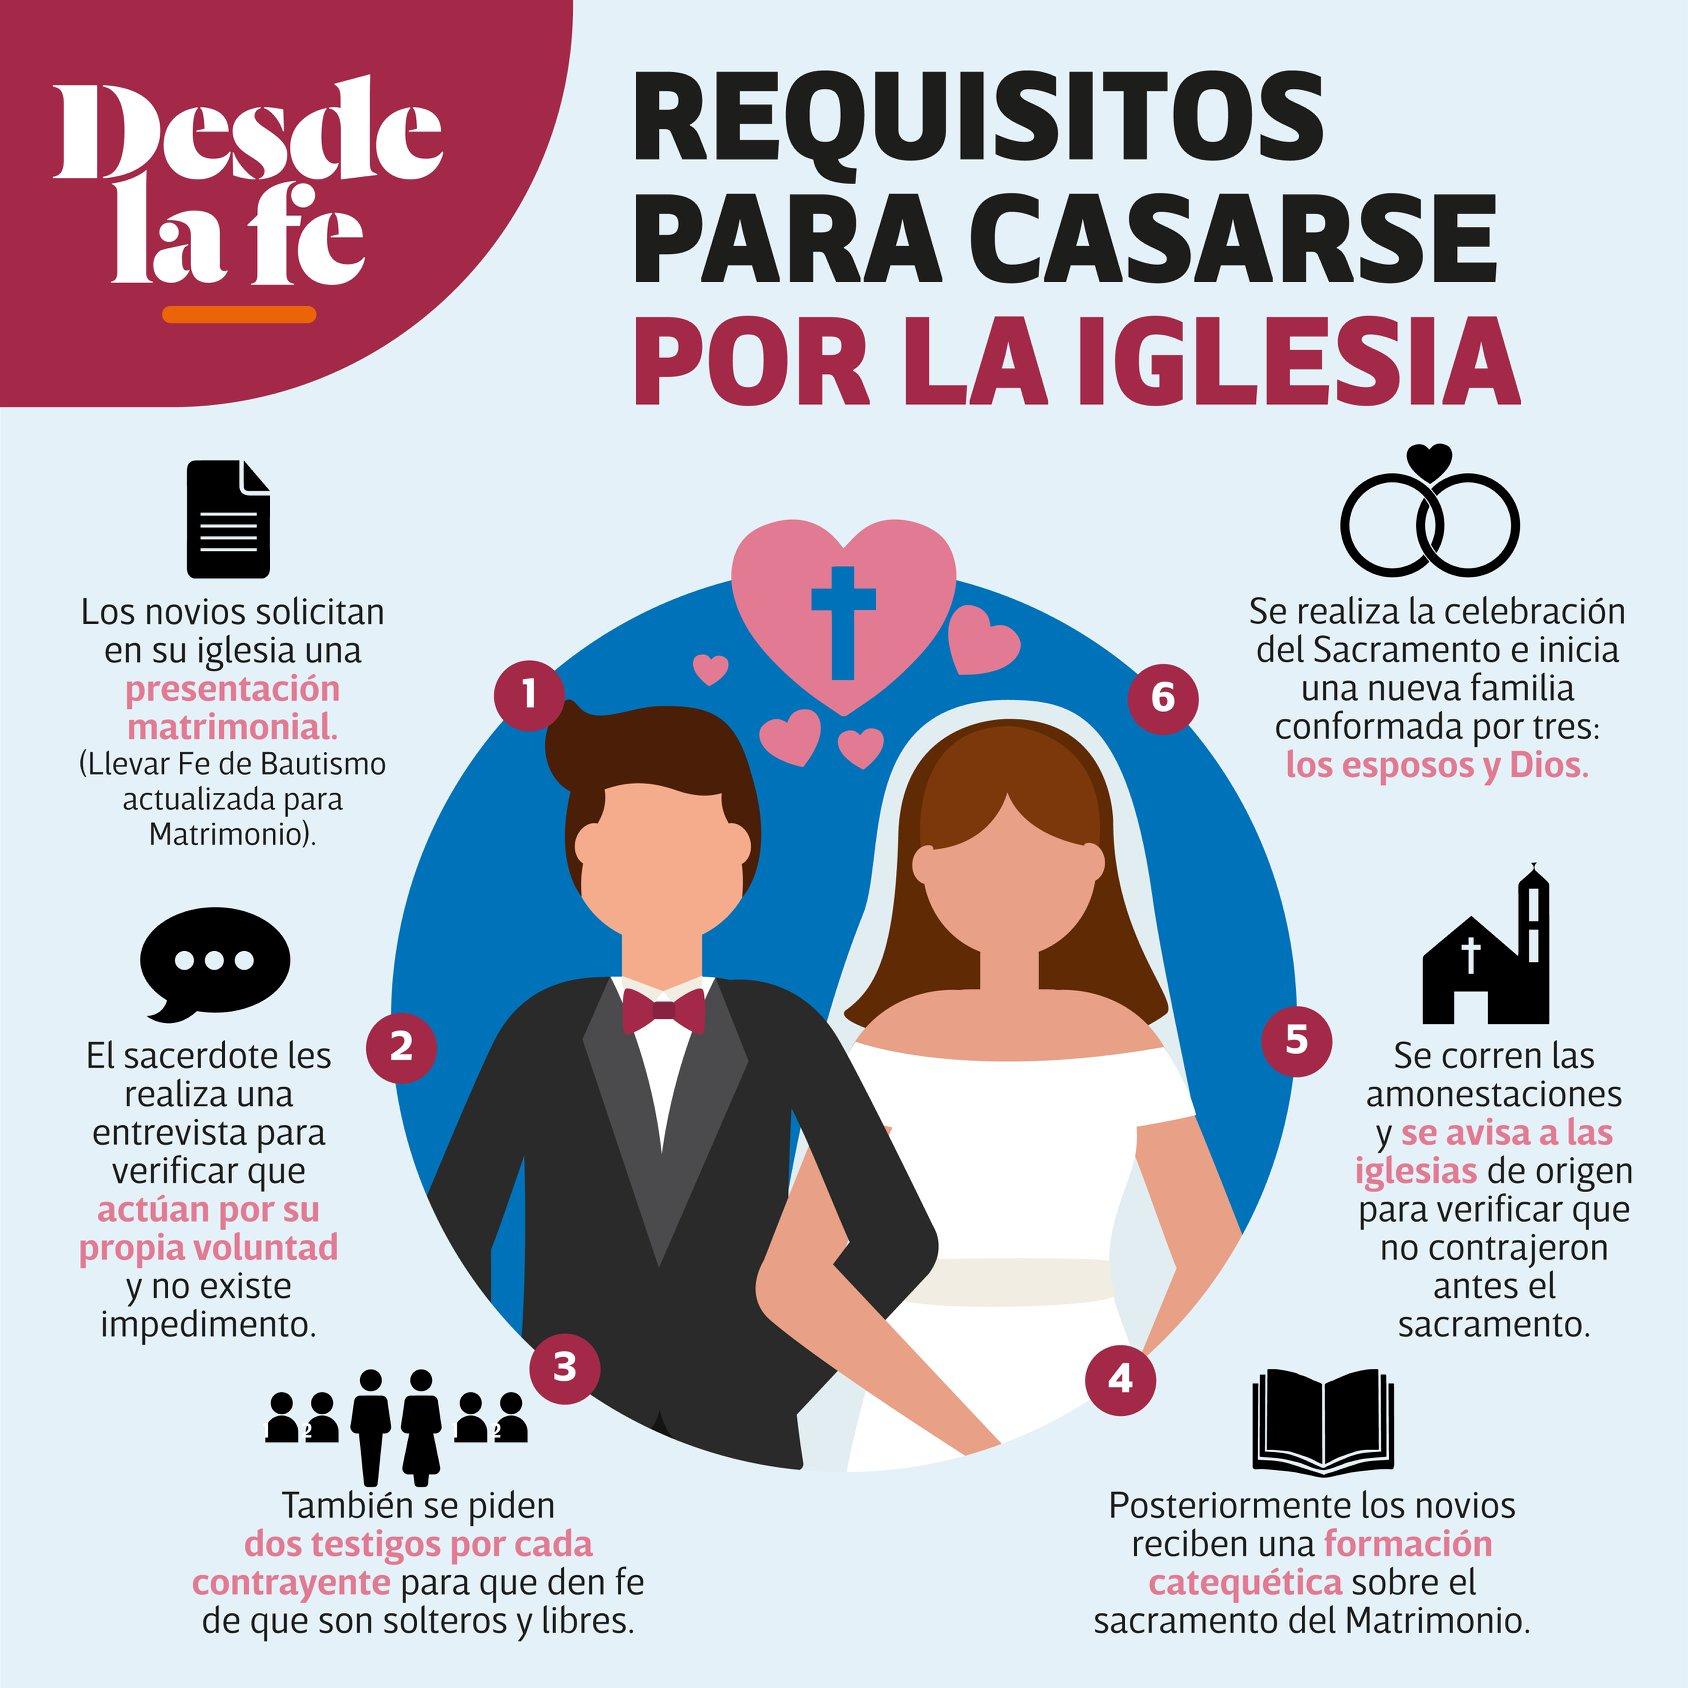 Requisitos básicos para casarse por la Iglesia.